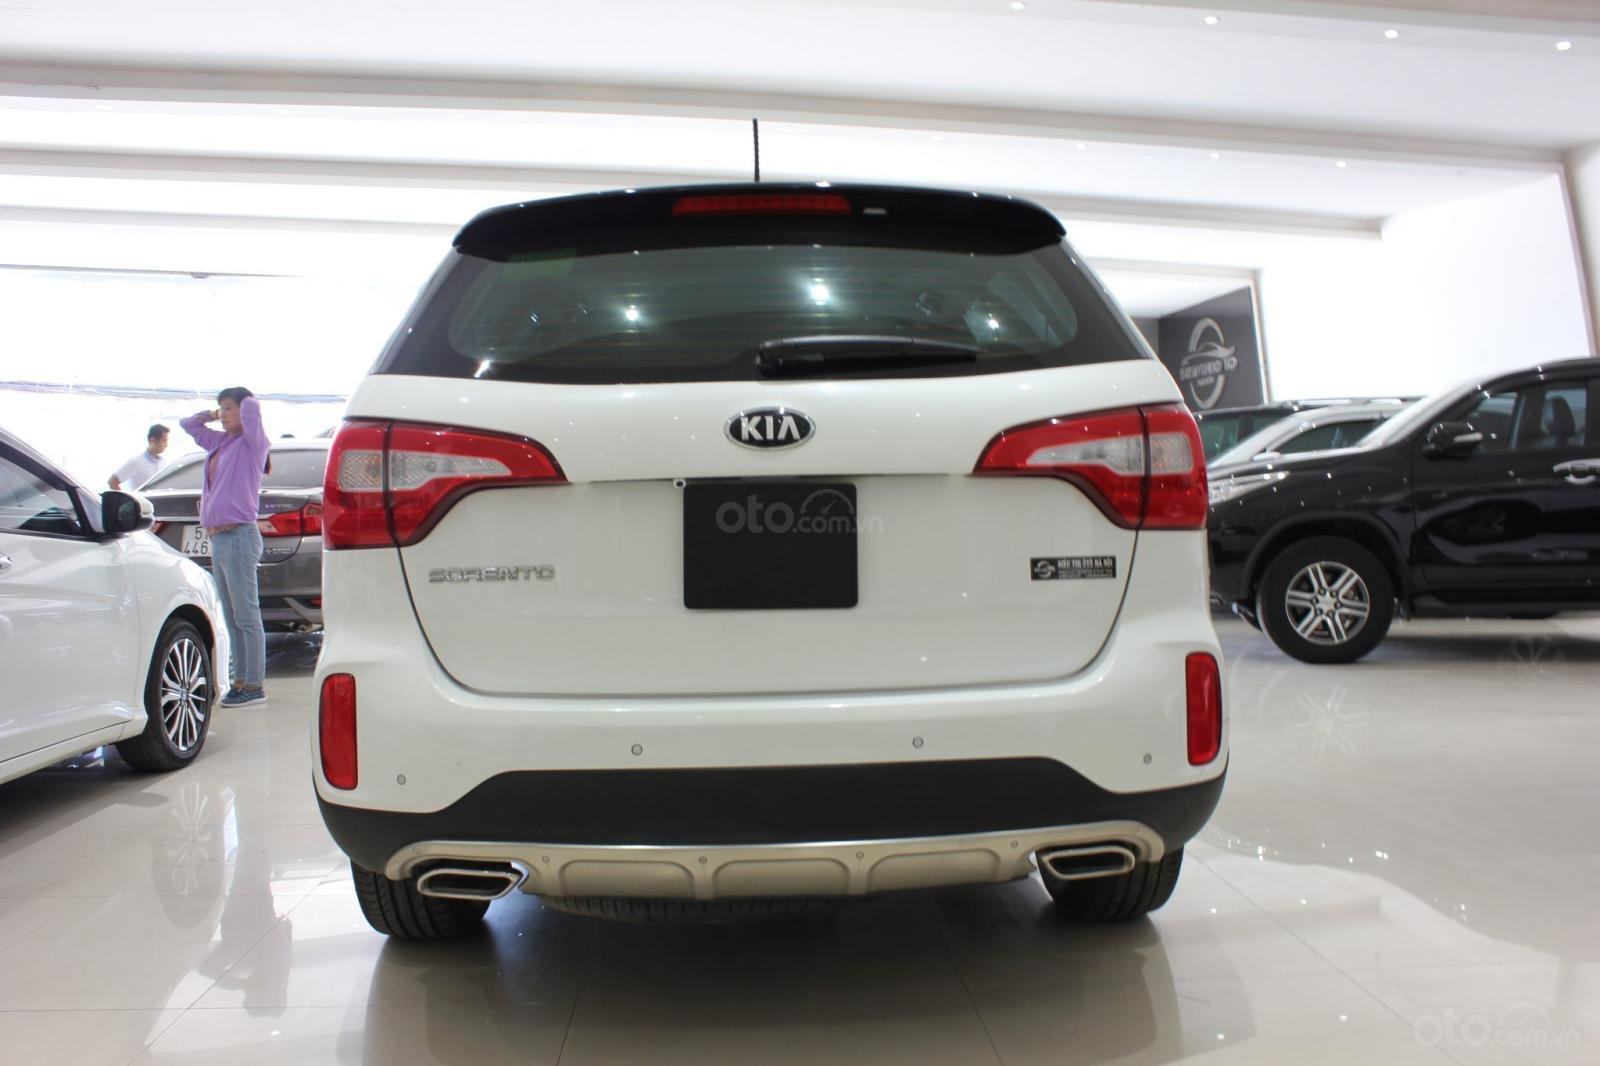 Bán xe Kia Sorento GATH 2.4AT SX 2019, màu trắng, xe đẹp, biển SG 9 nút, giá TL (3)